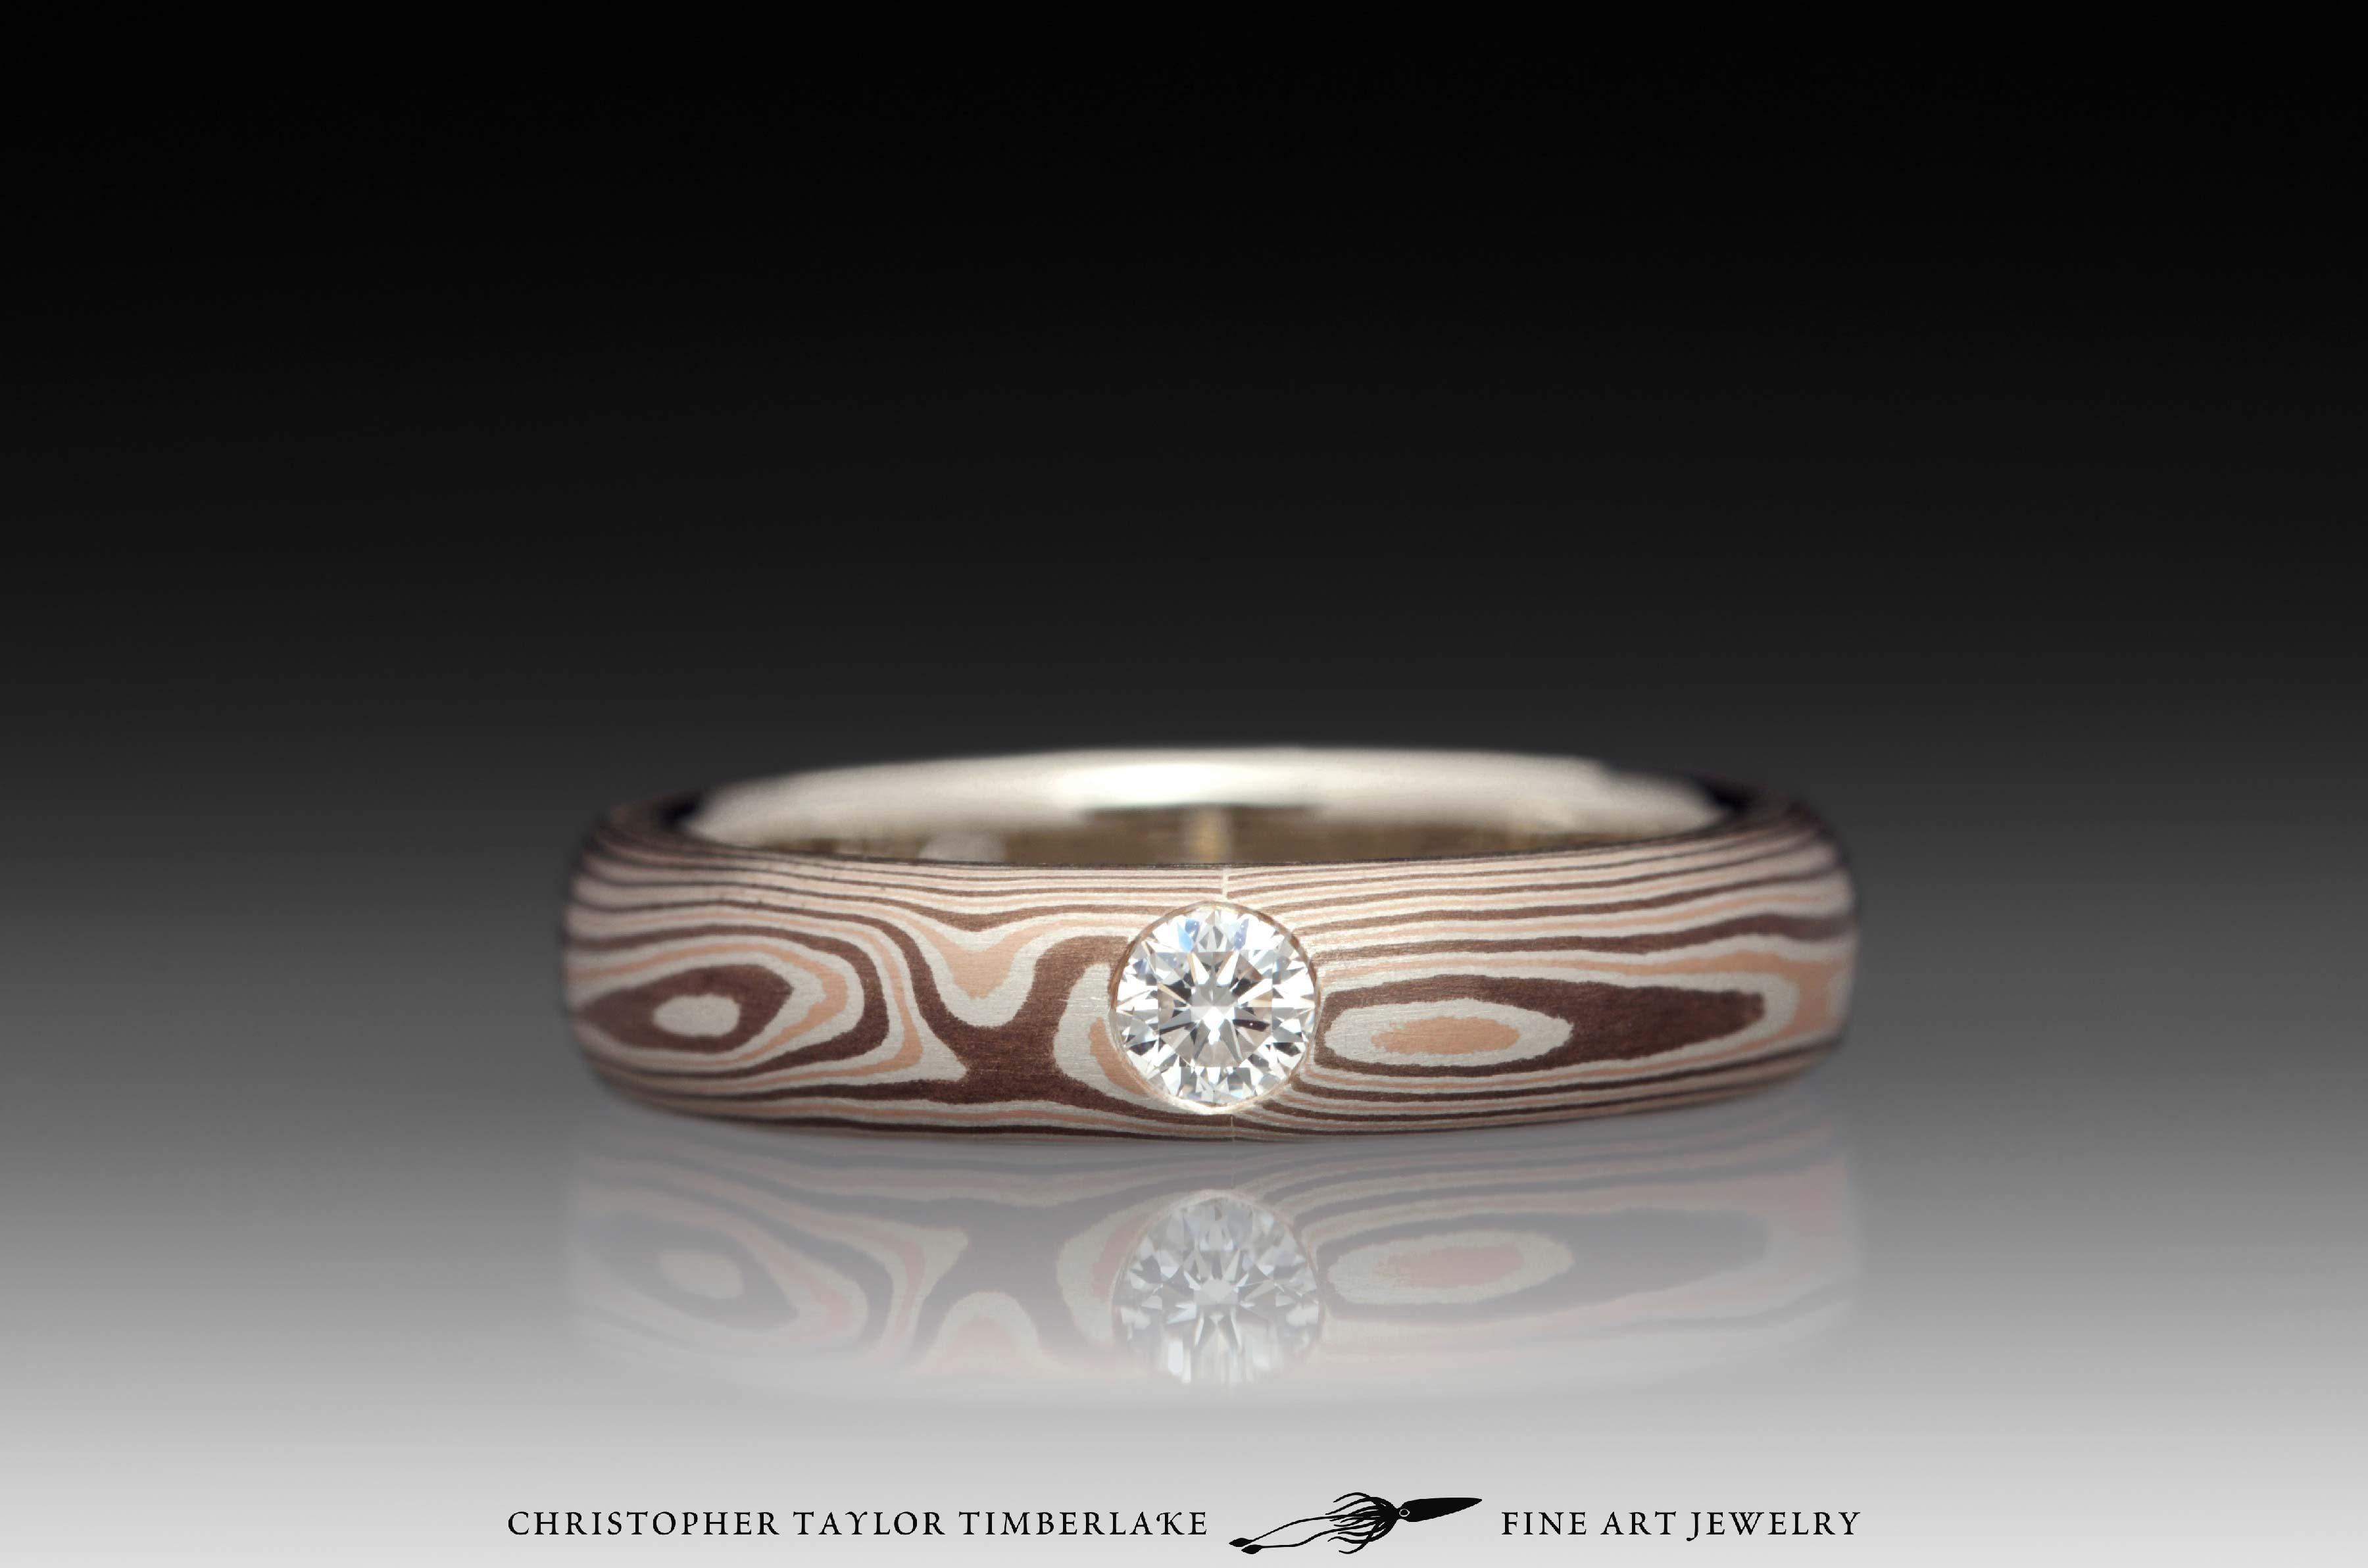 Mokumé-Mokume-Gane-Ring-(M81)-14K-rose-gold,-sterling-silver-with-palladium,-shakudo-2k,-14K-white-gold-inner-band,-domed,-flush-set-rd-2.9mm-diamond,-woodgrain,-4mm-1